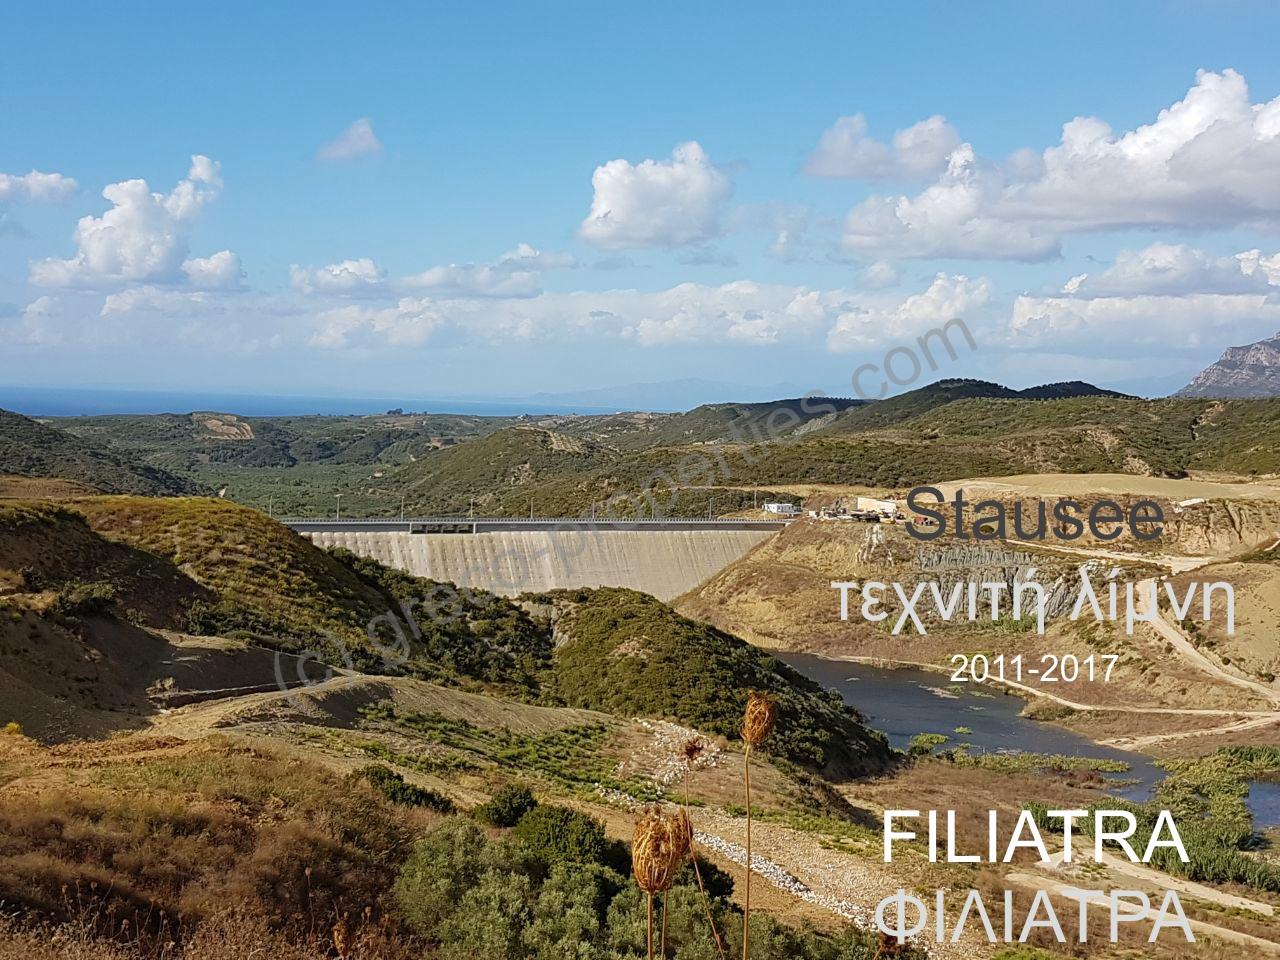 Staudamm Stausee Filiatra Christianoupolis Griechenladn Peloponnes Messenien